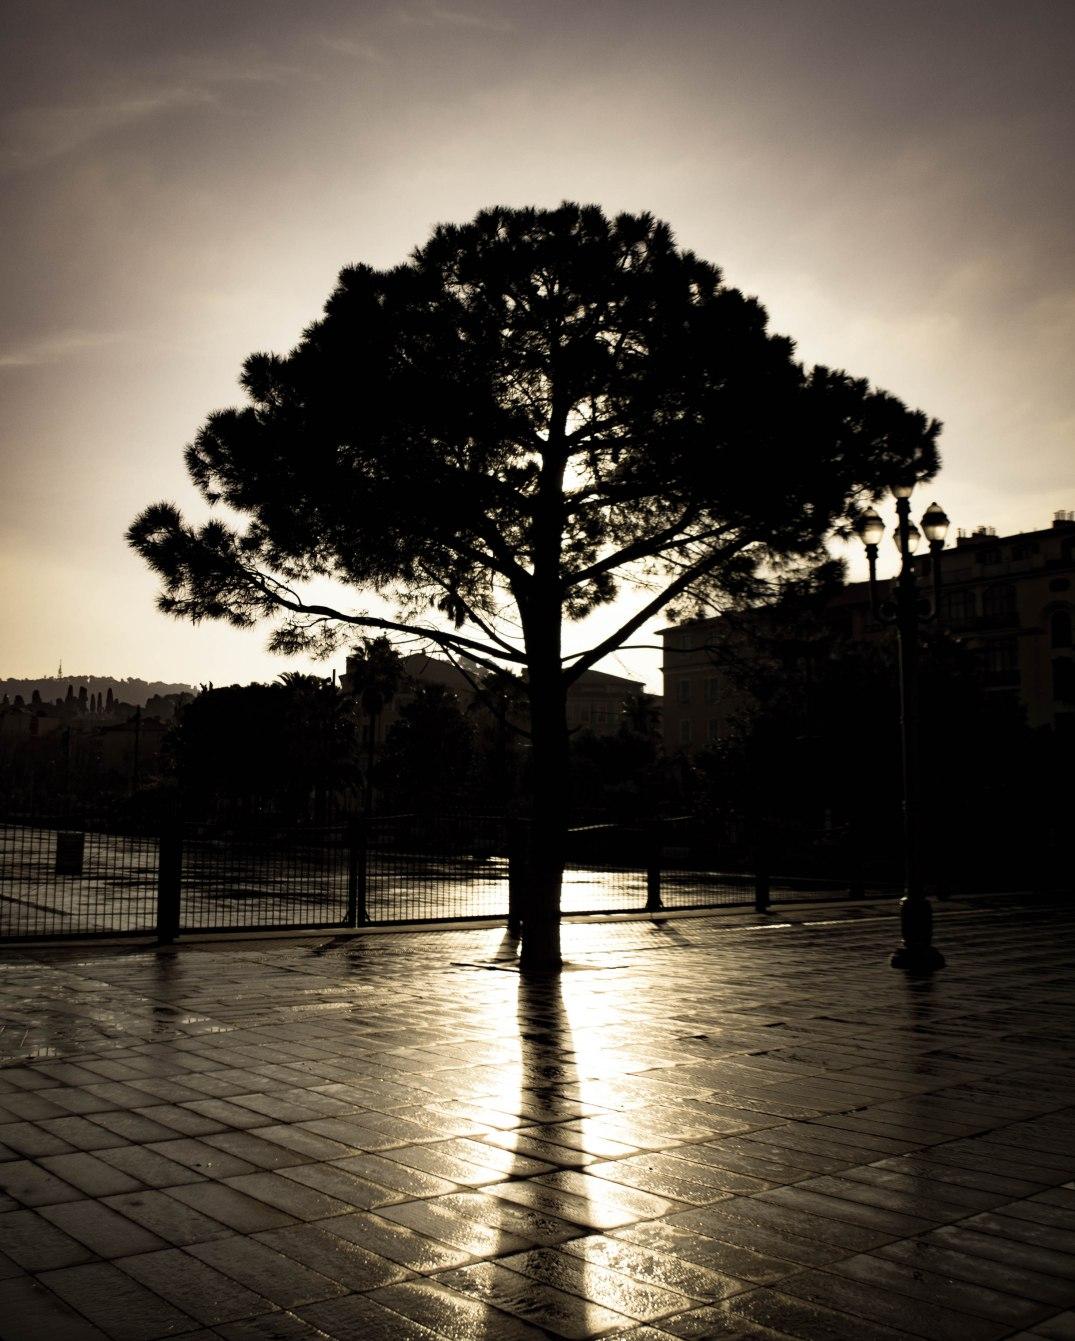 Baum gegenlicht